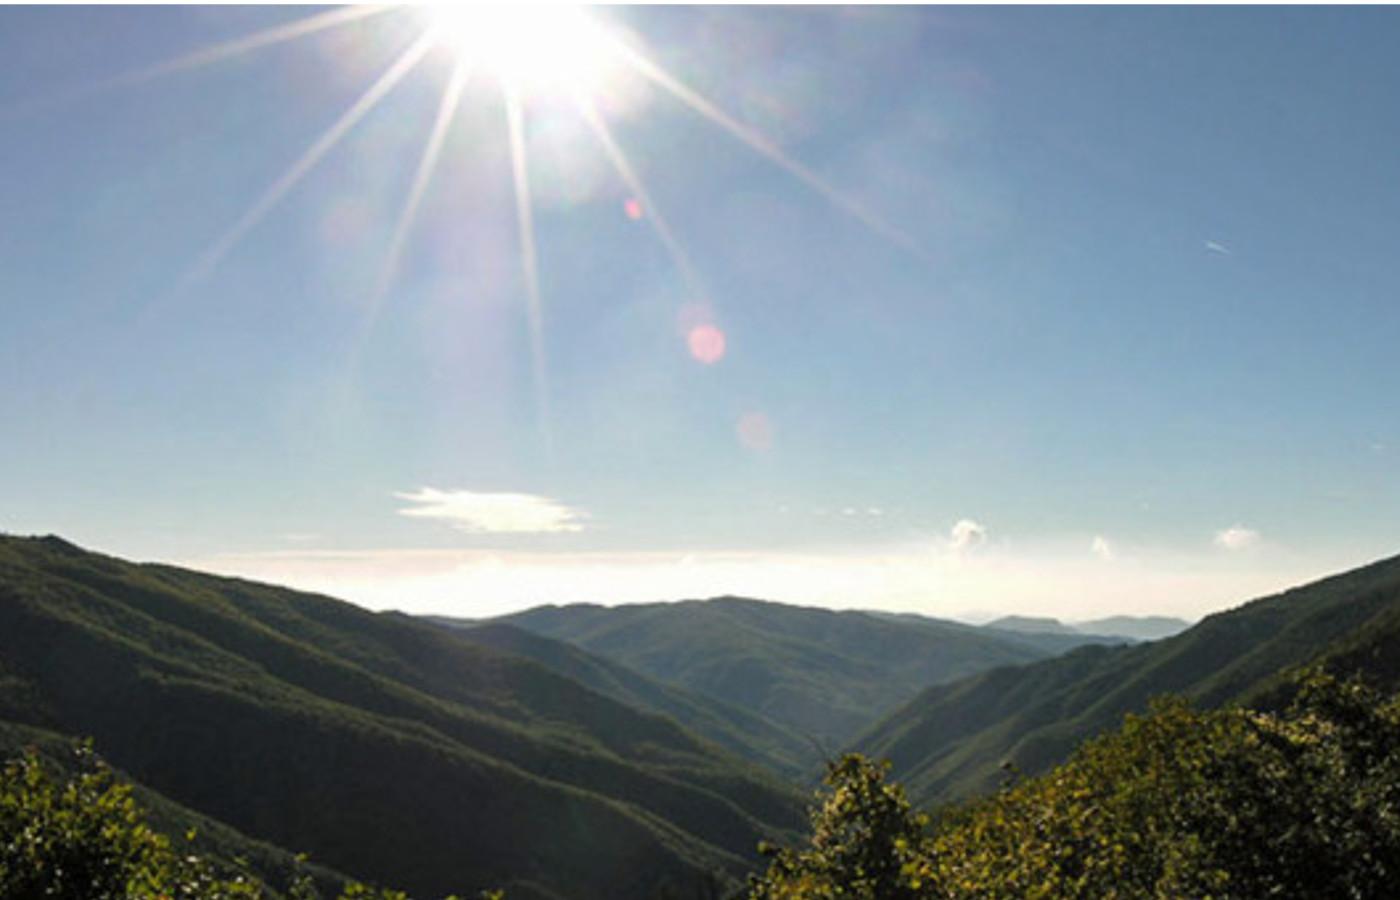 Superclassica dell'oltrepo pavese, Penice e Brallo